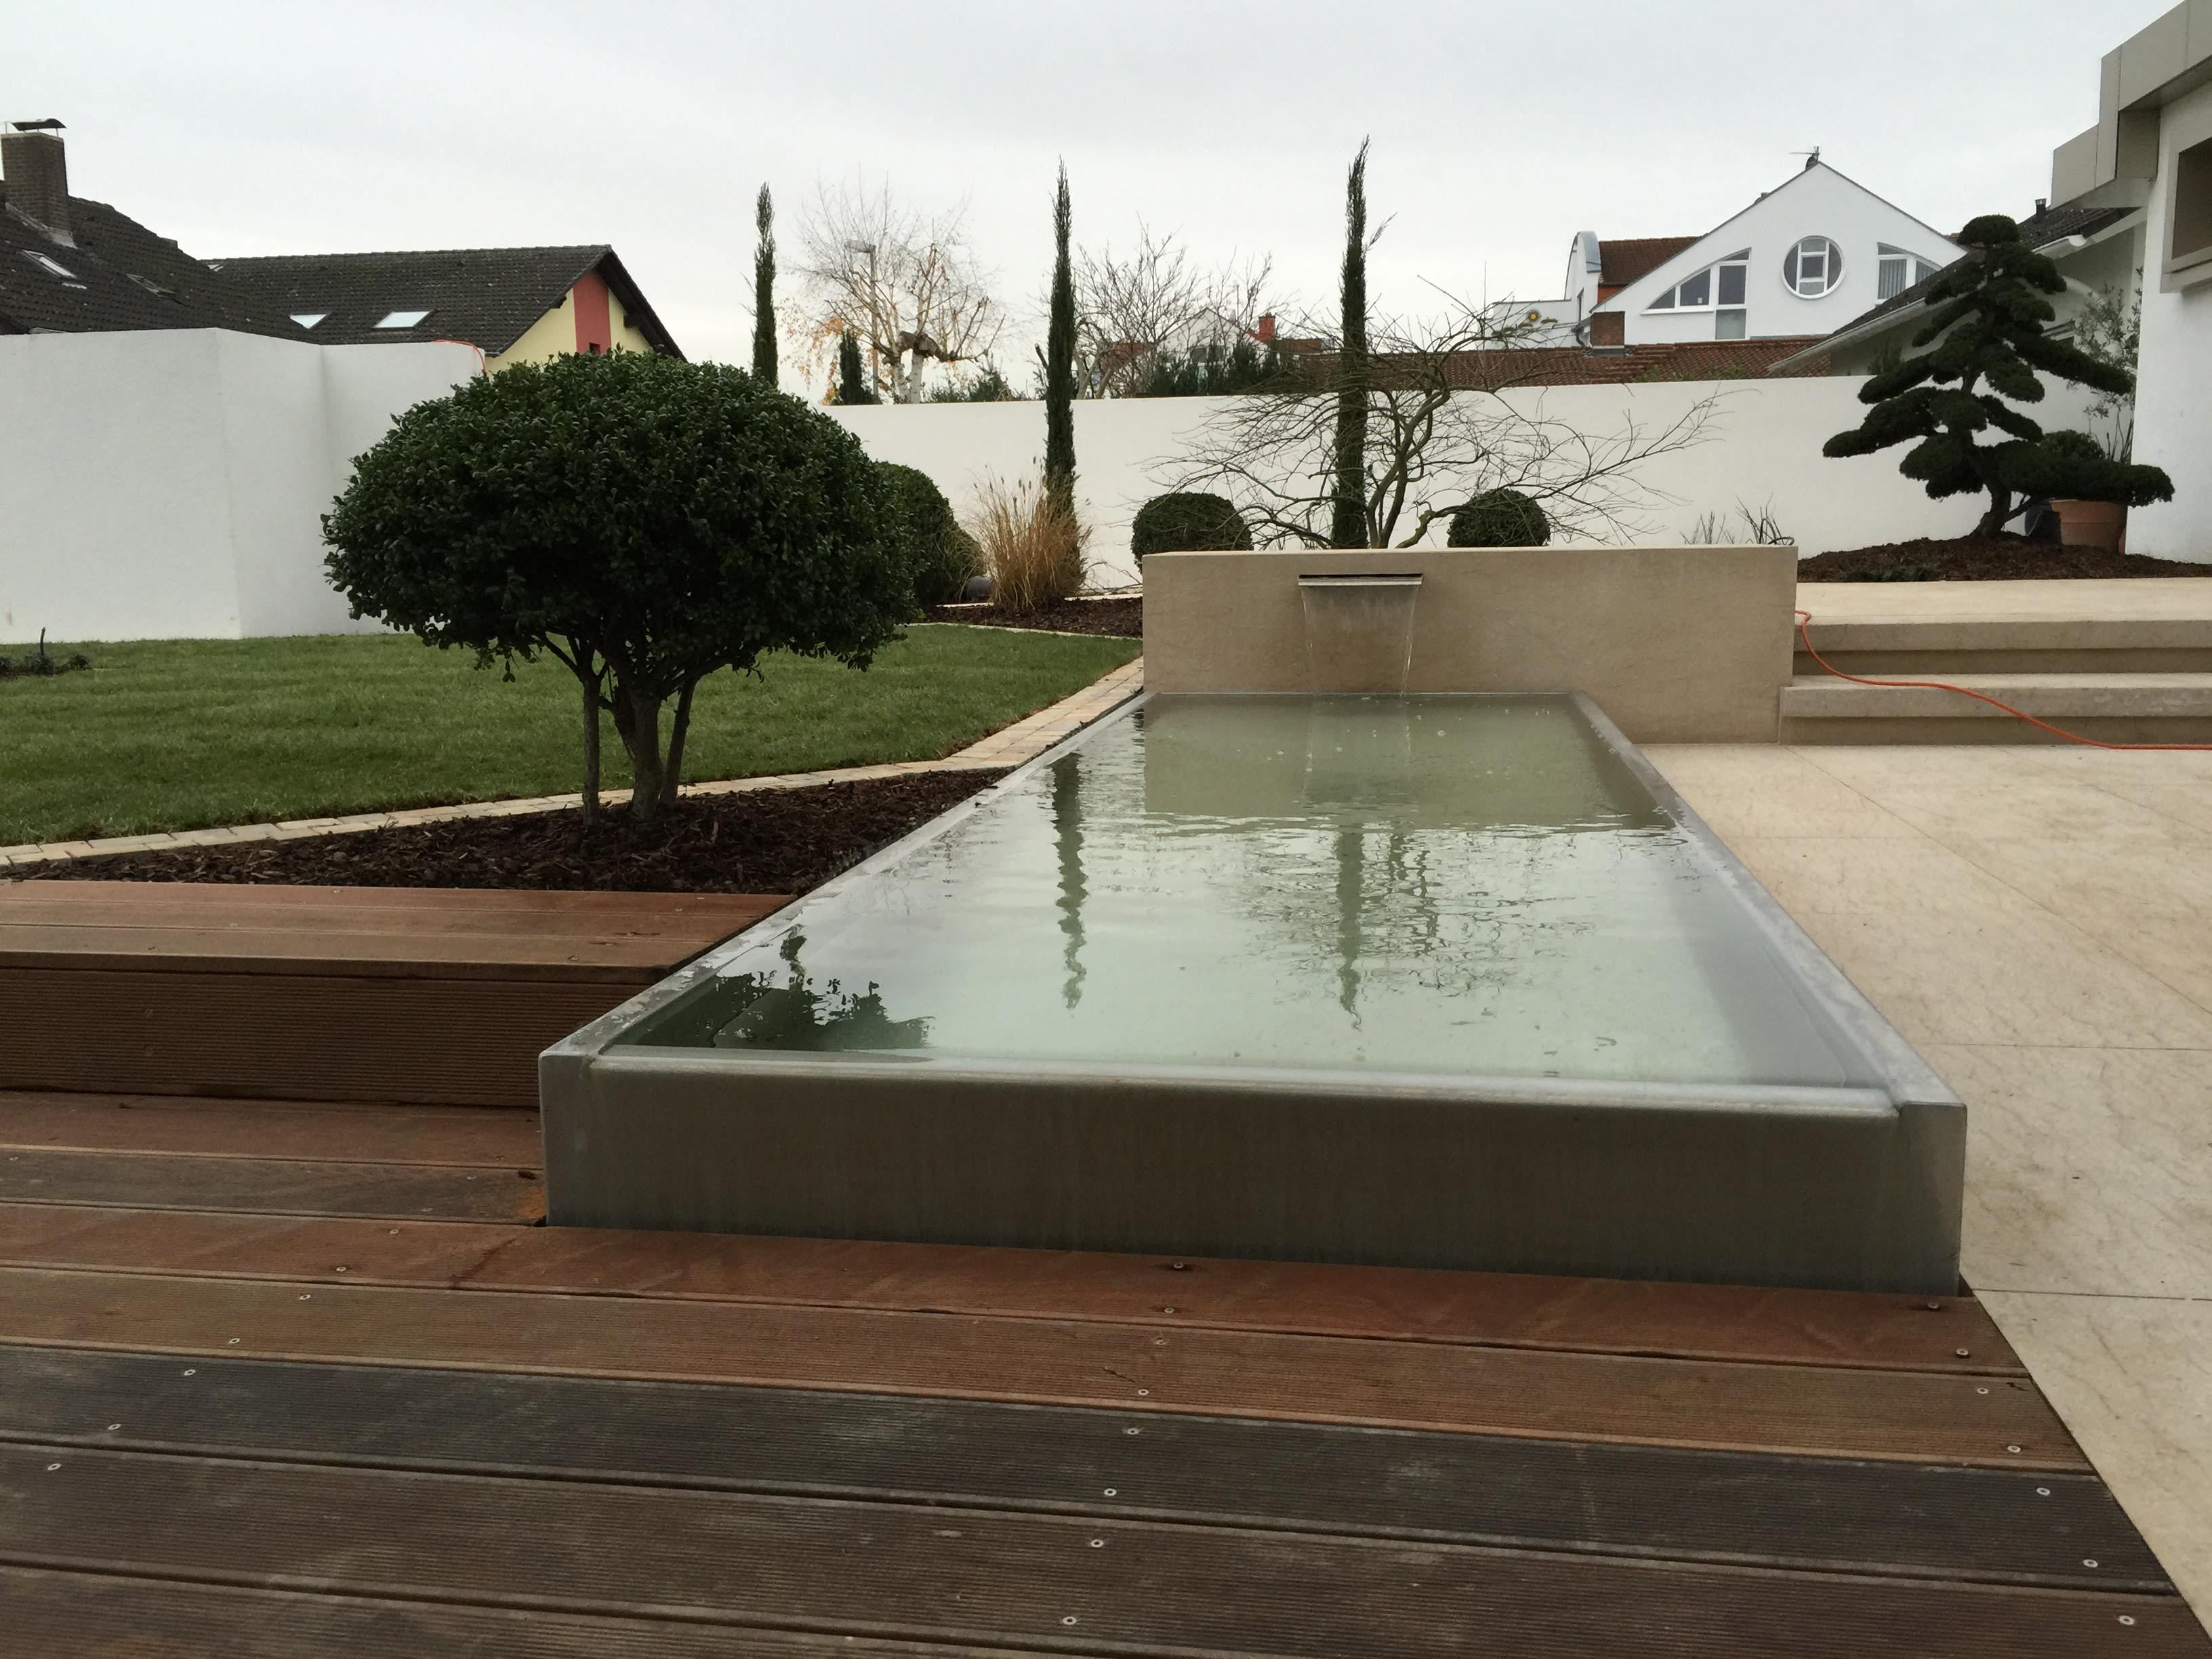 Springbrunnen aus hellem Beton mit Beton- und Holzboden